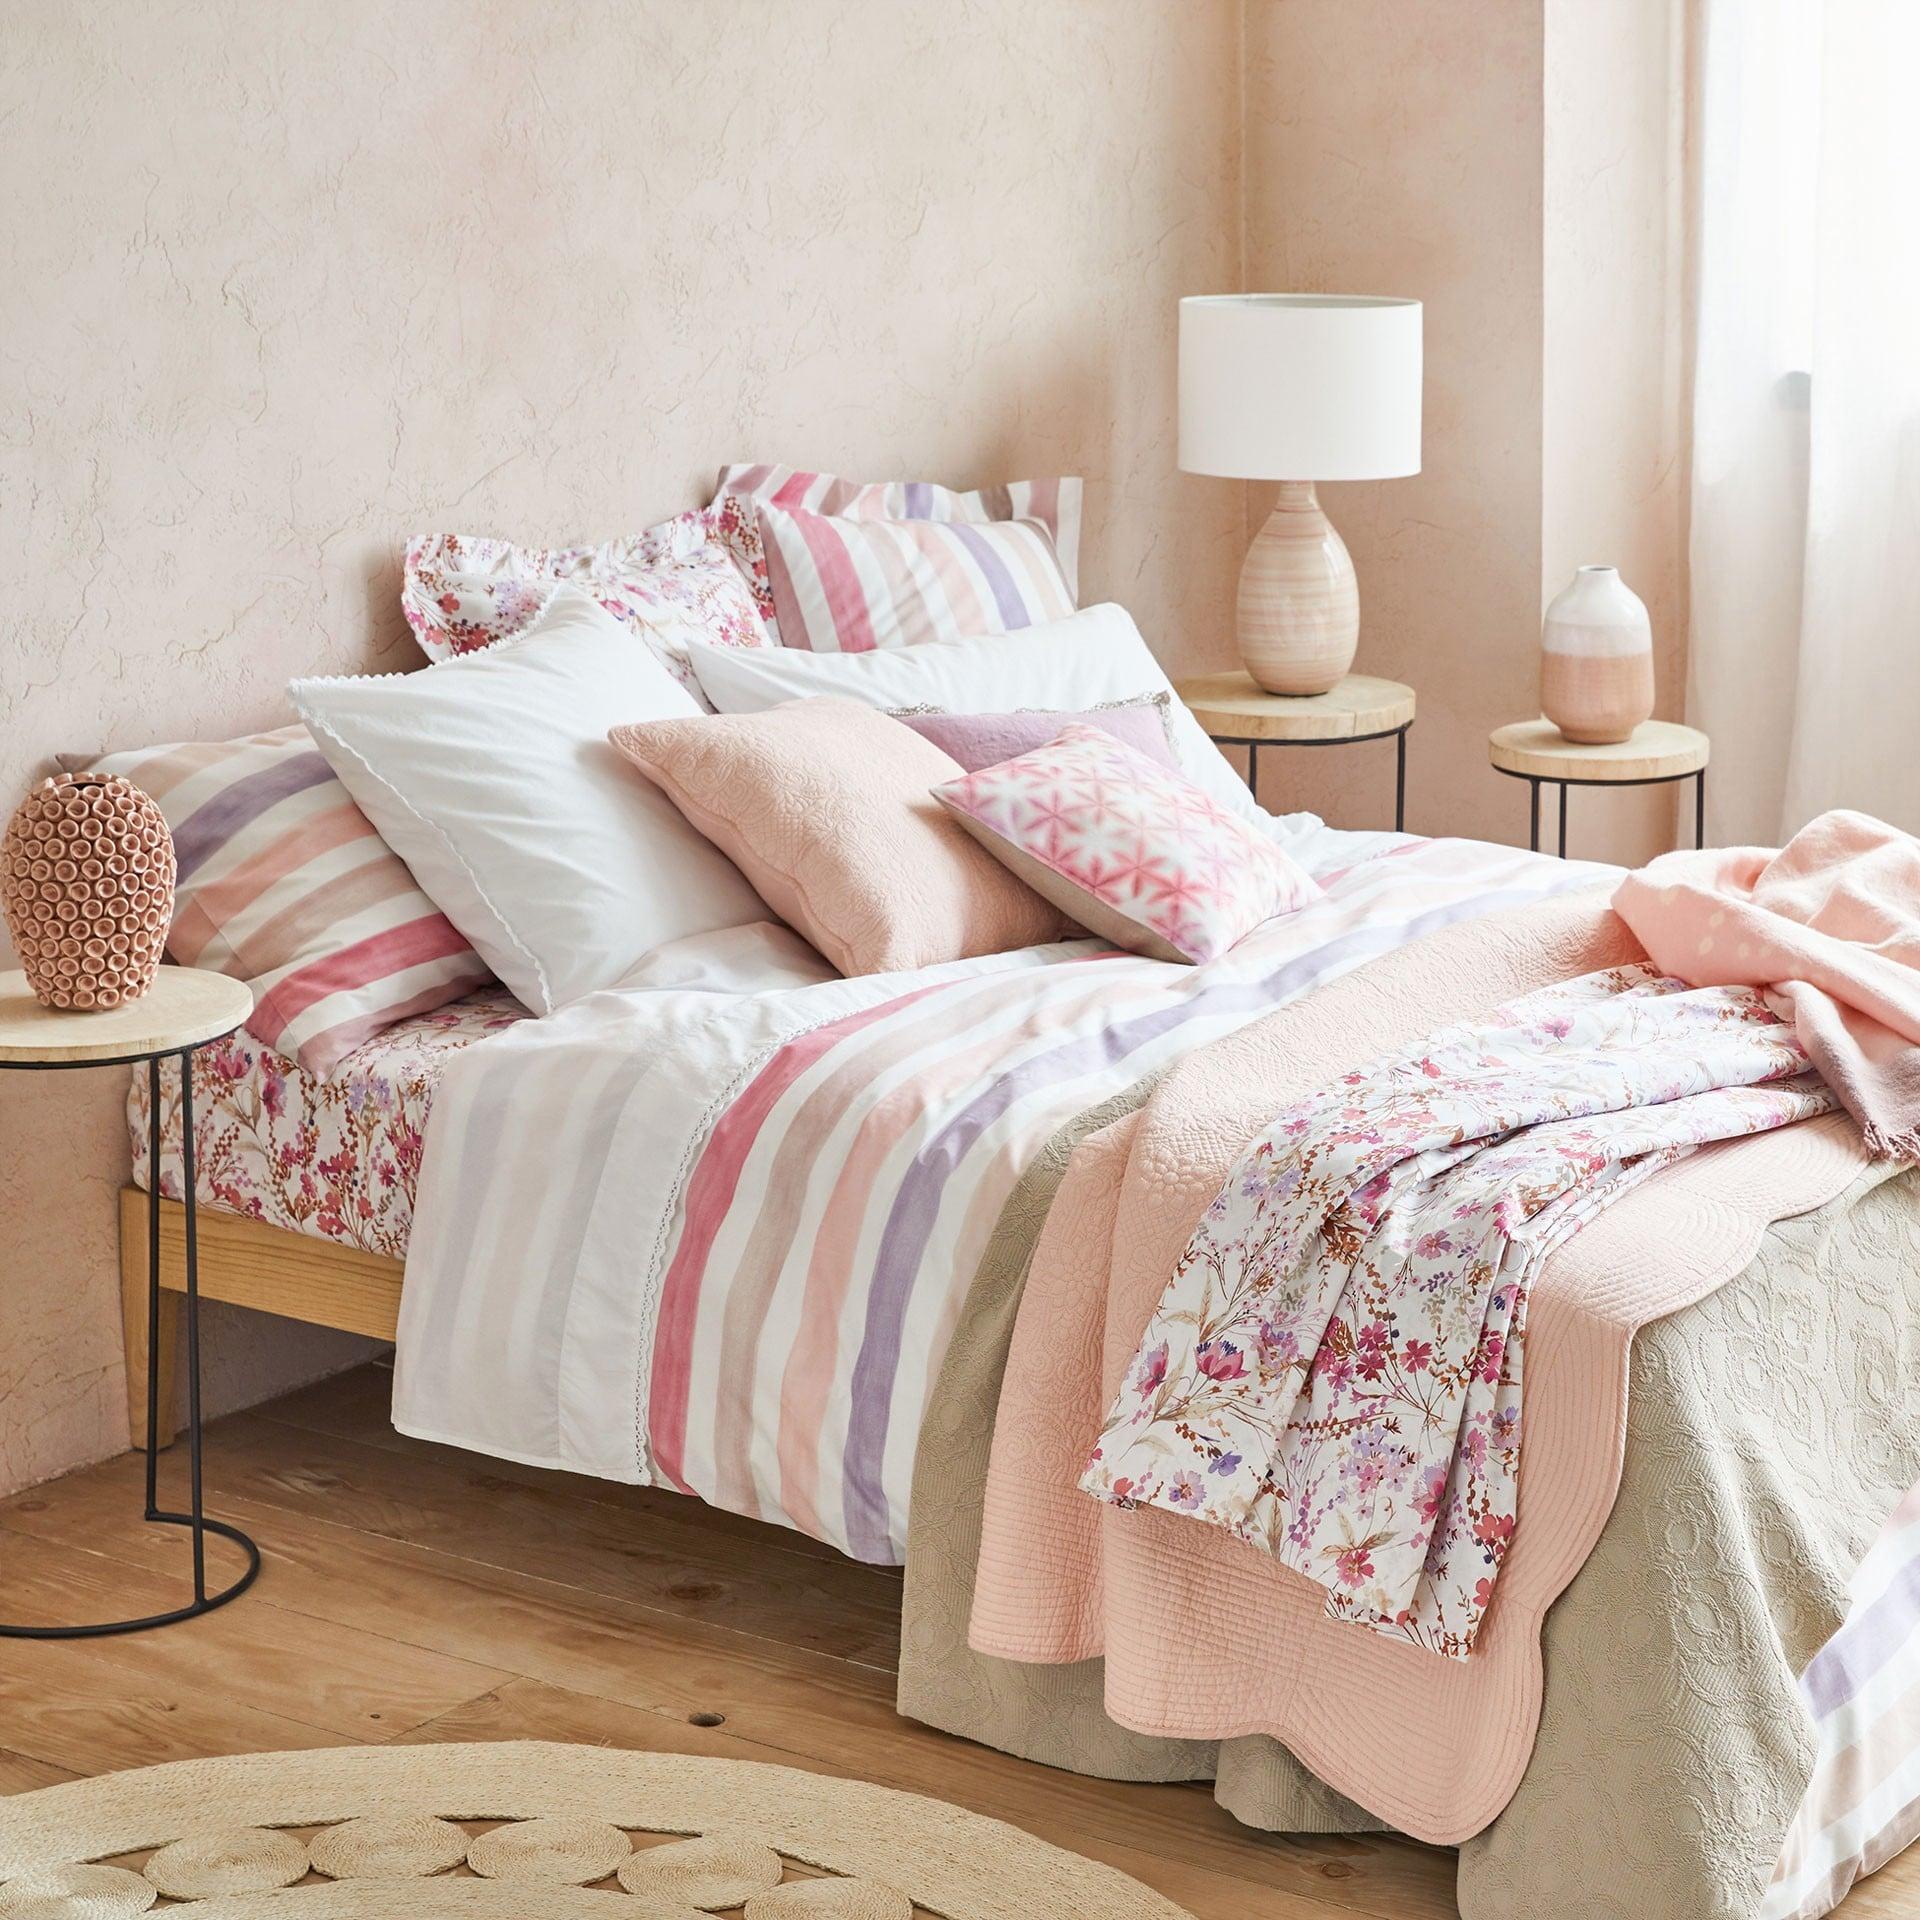 Decoraci n de habitaciones descubriendo la moda for Decoracion de camas zara home